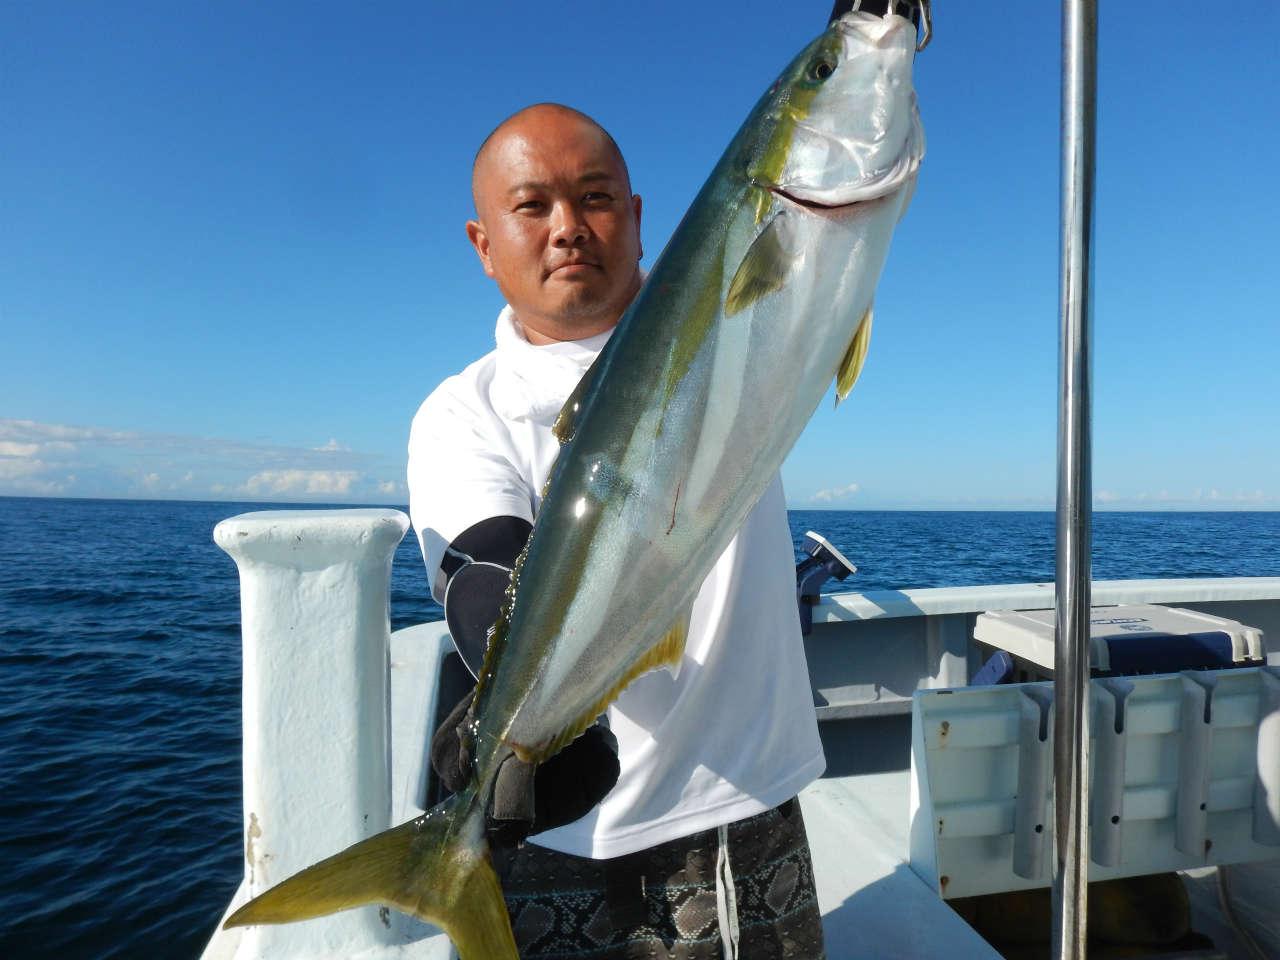 20210724 ワラサ3.4キロ1本、サバ等が釣れて終了 ルアー・ジギング船魚拓号